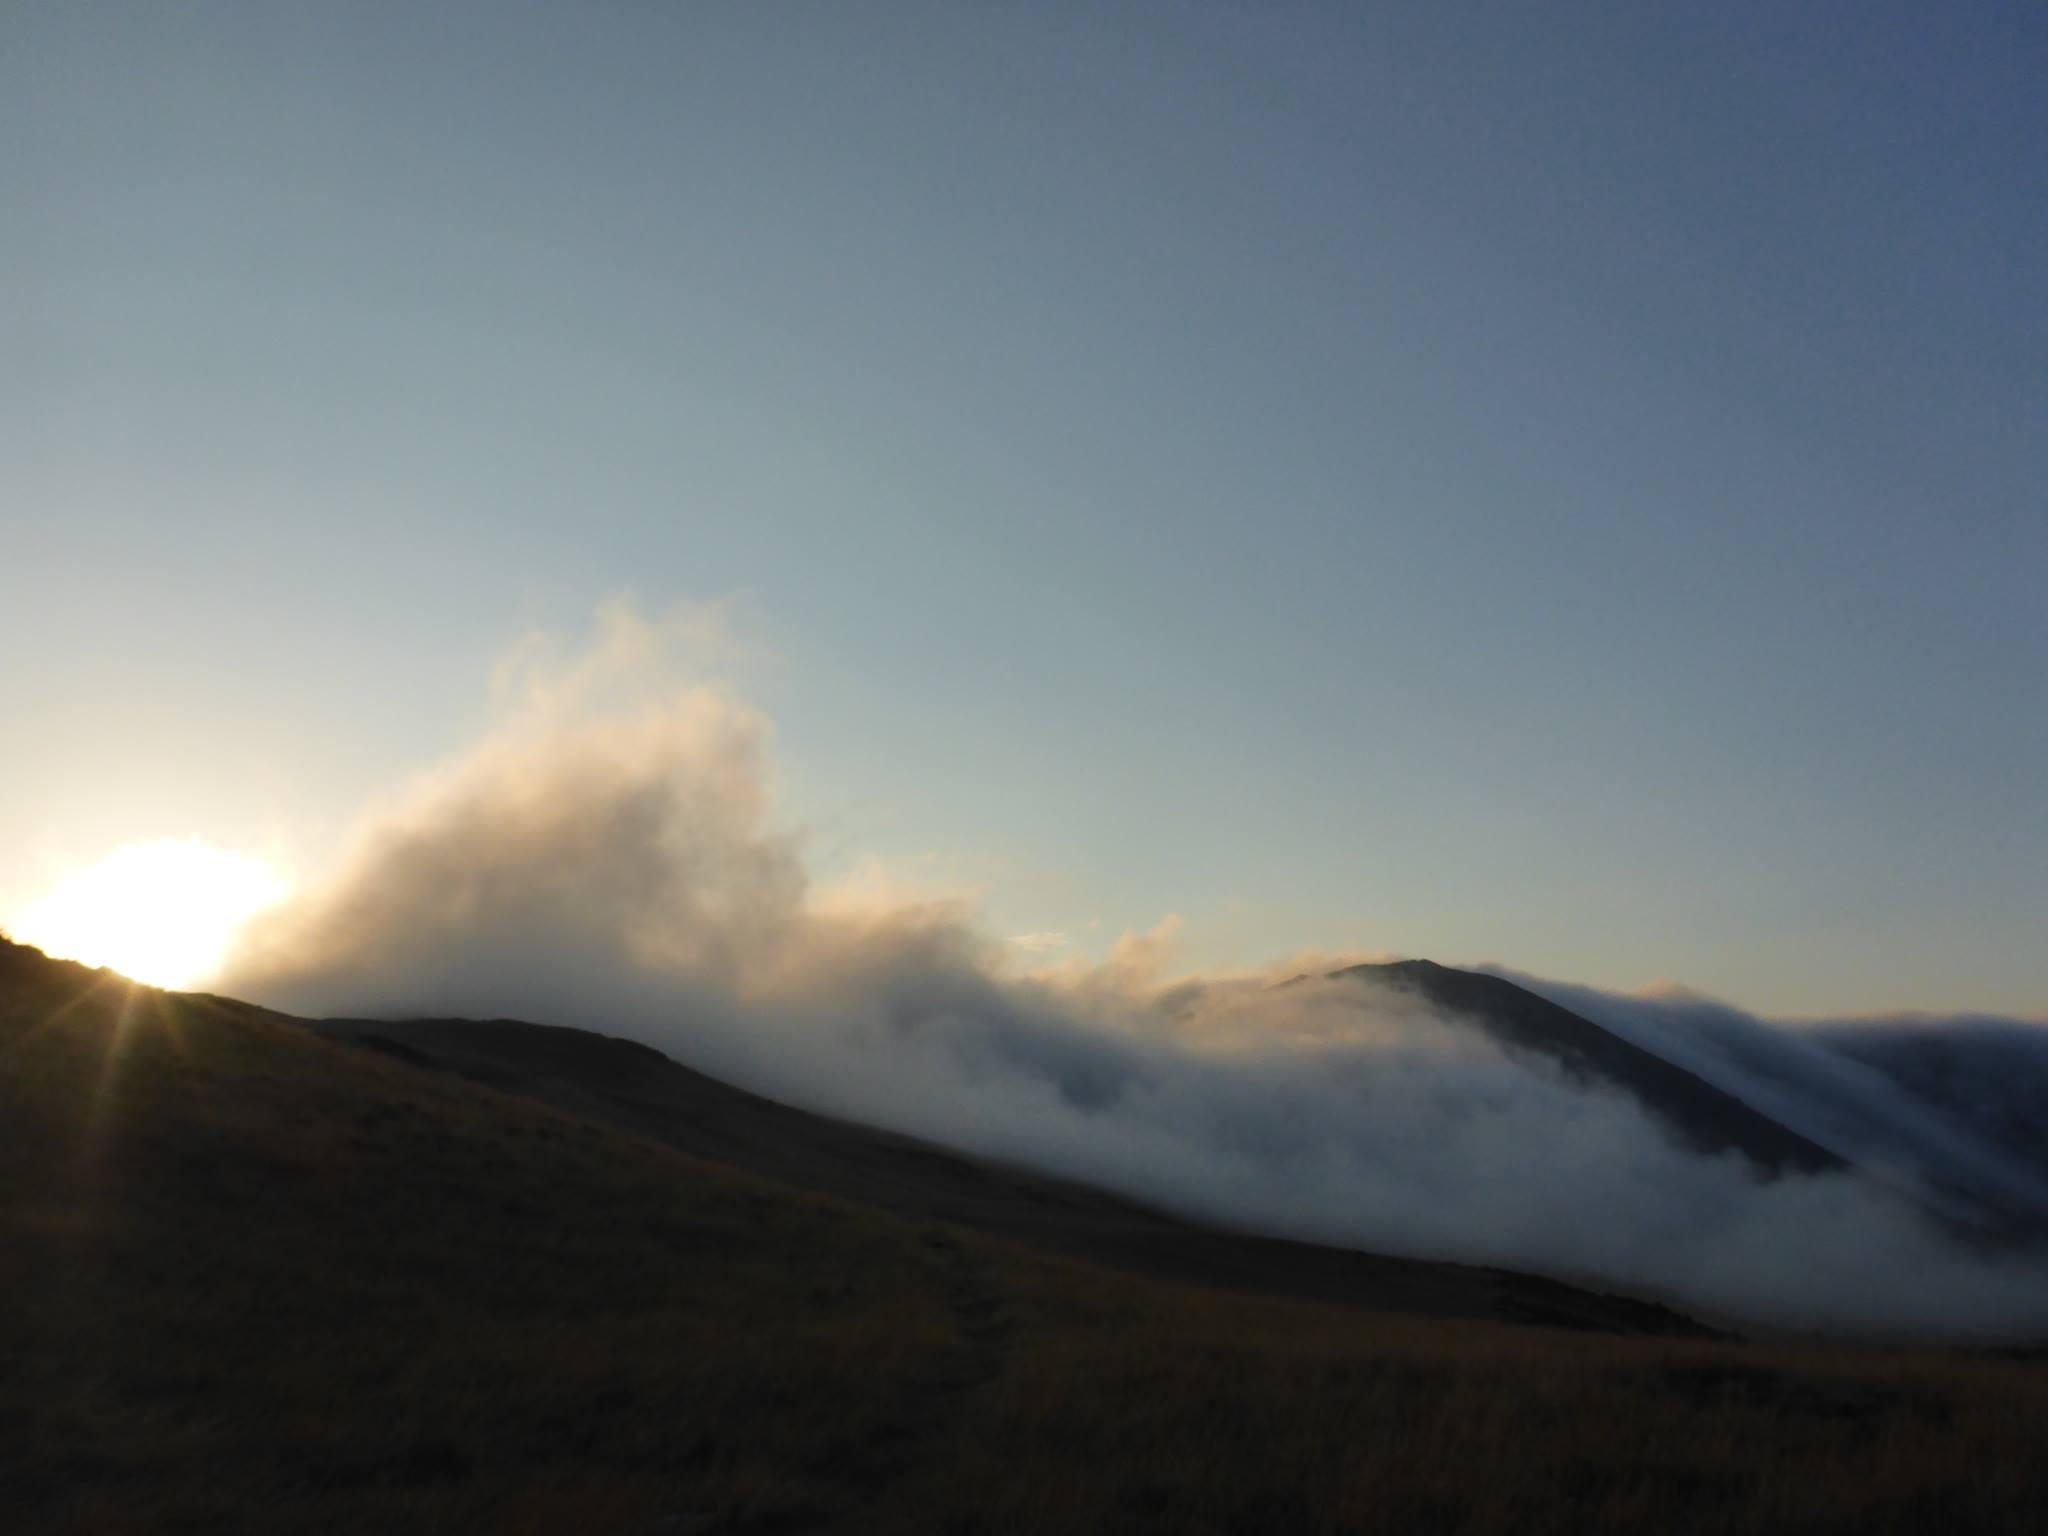 Les nuages dévalent la montagne au matin